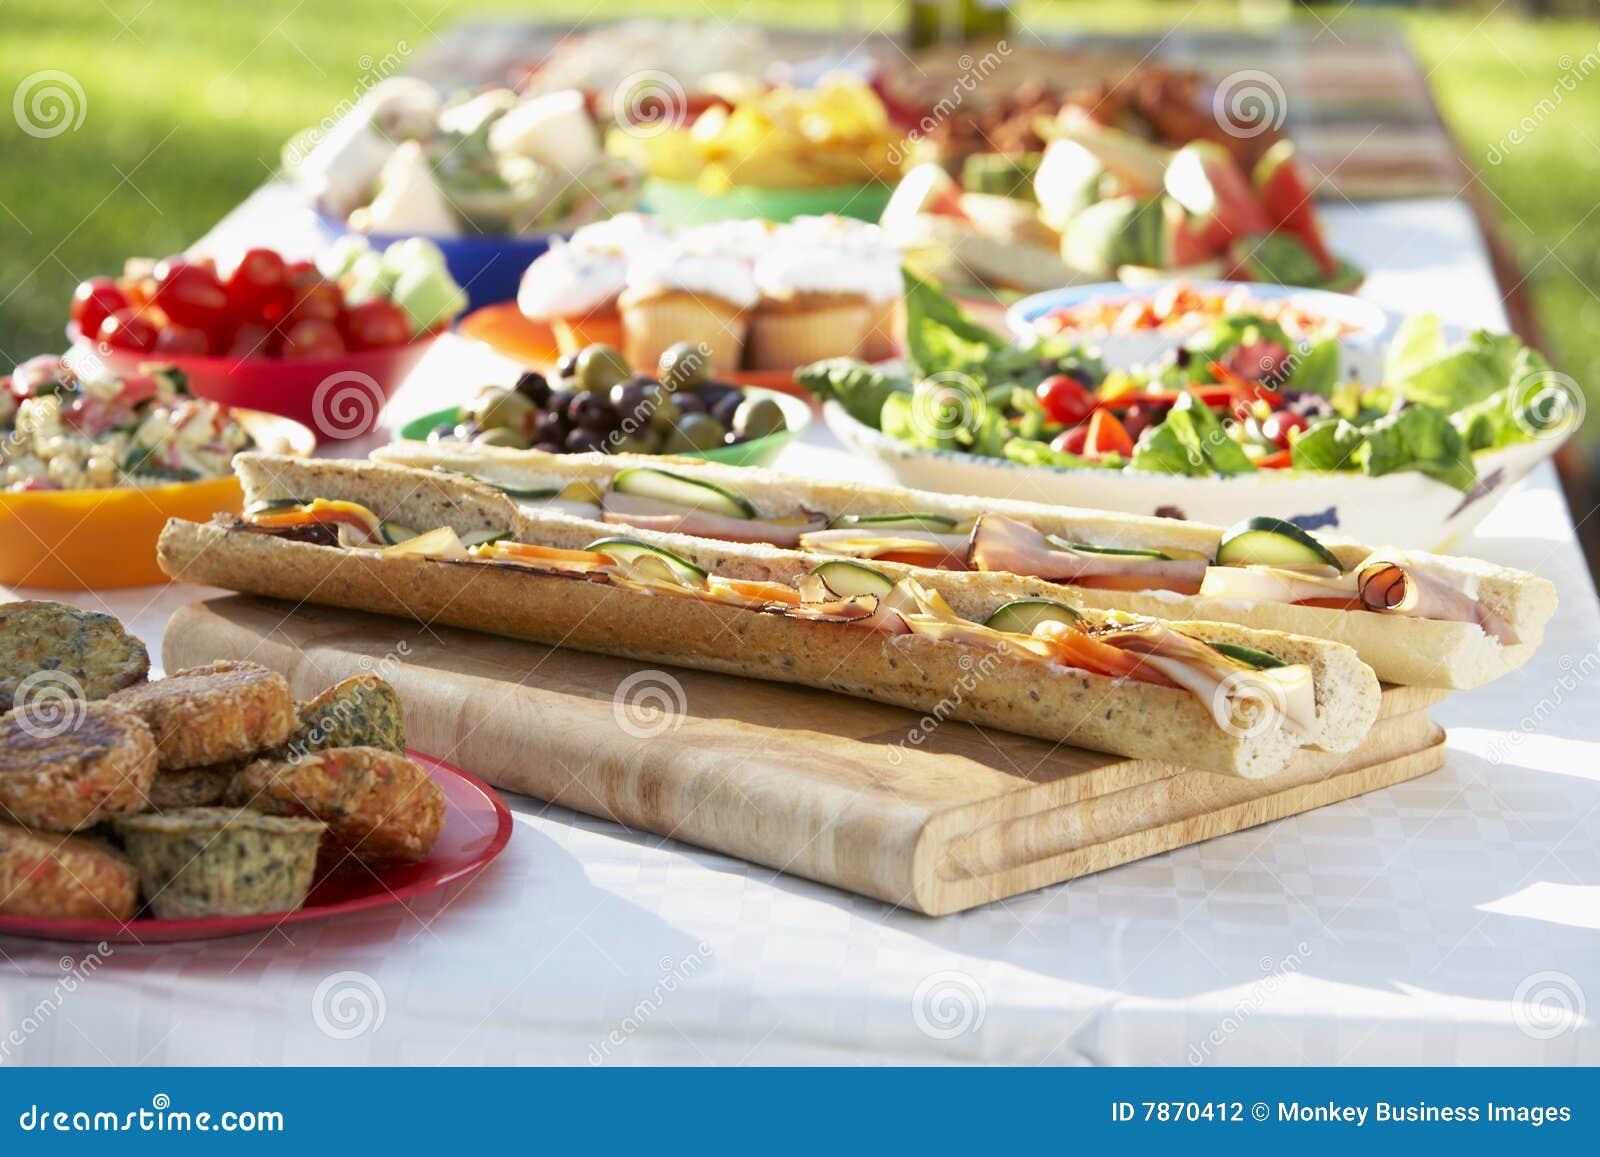 Al-Fresko, das speist, wenn die Nahrung auf Tabelle ausgebreitet ist